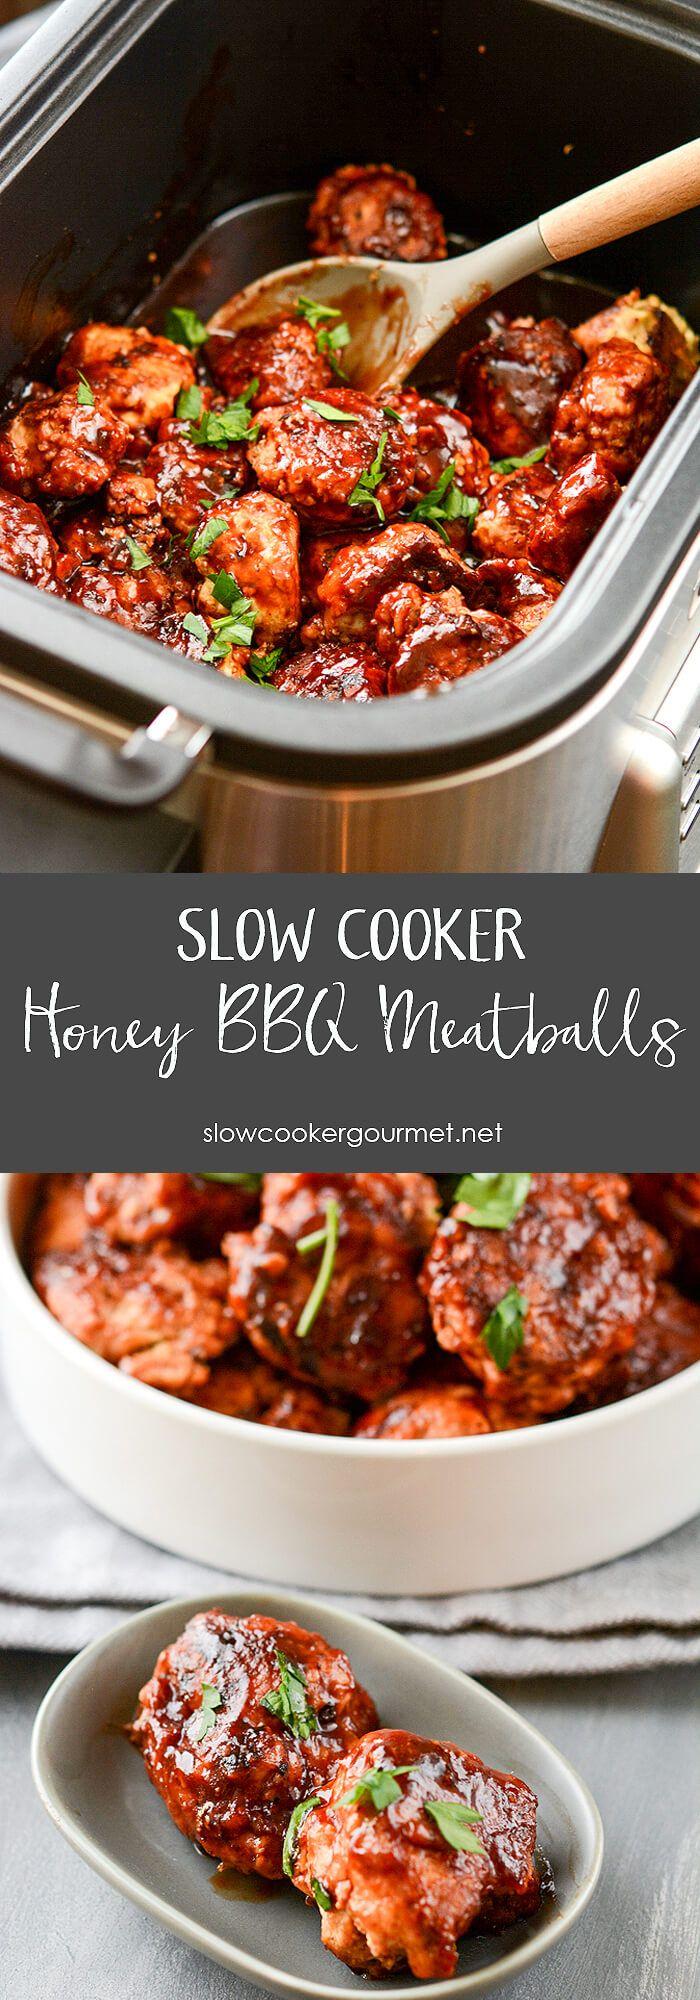 Slow Cooker Honey BBQ Meatballs